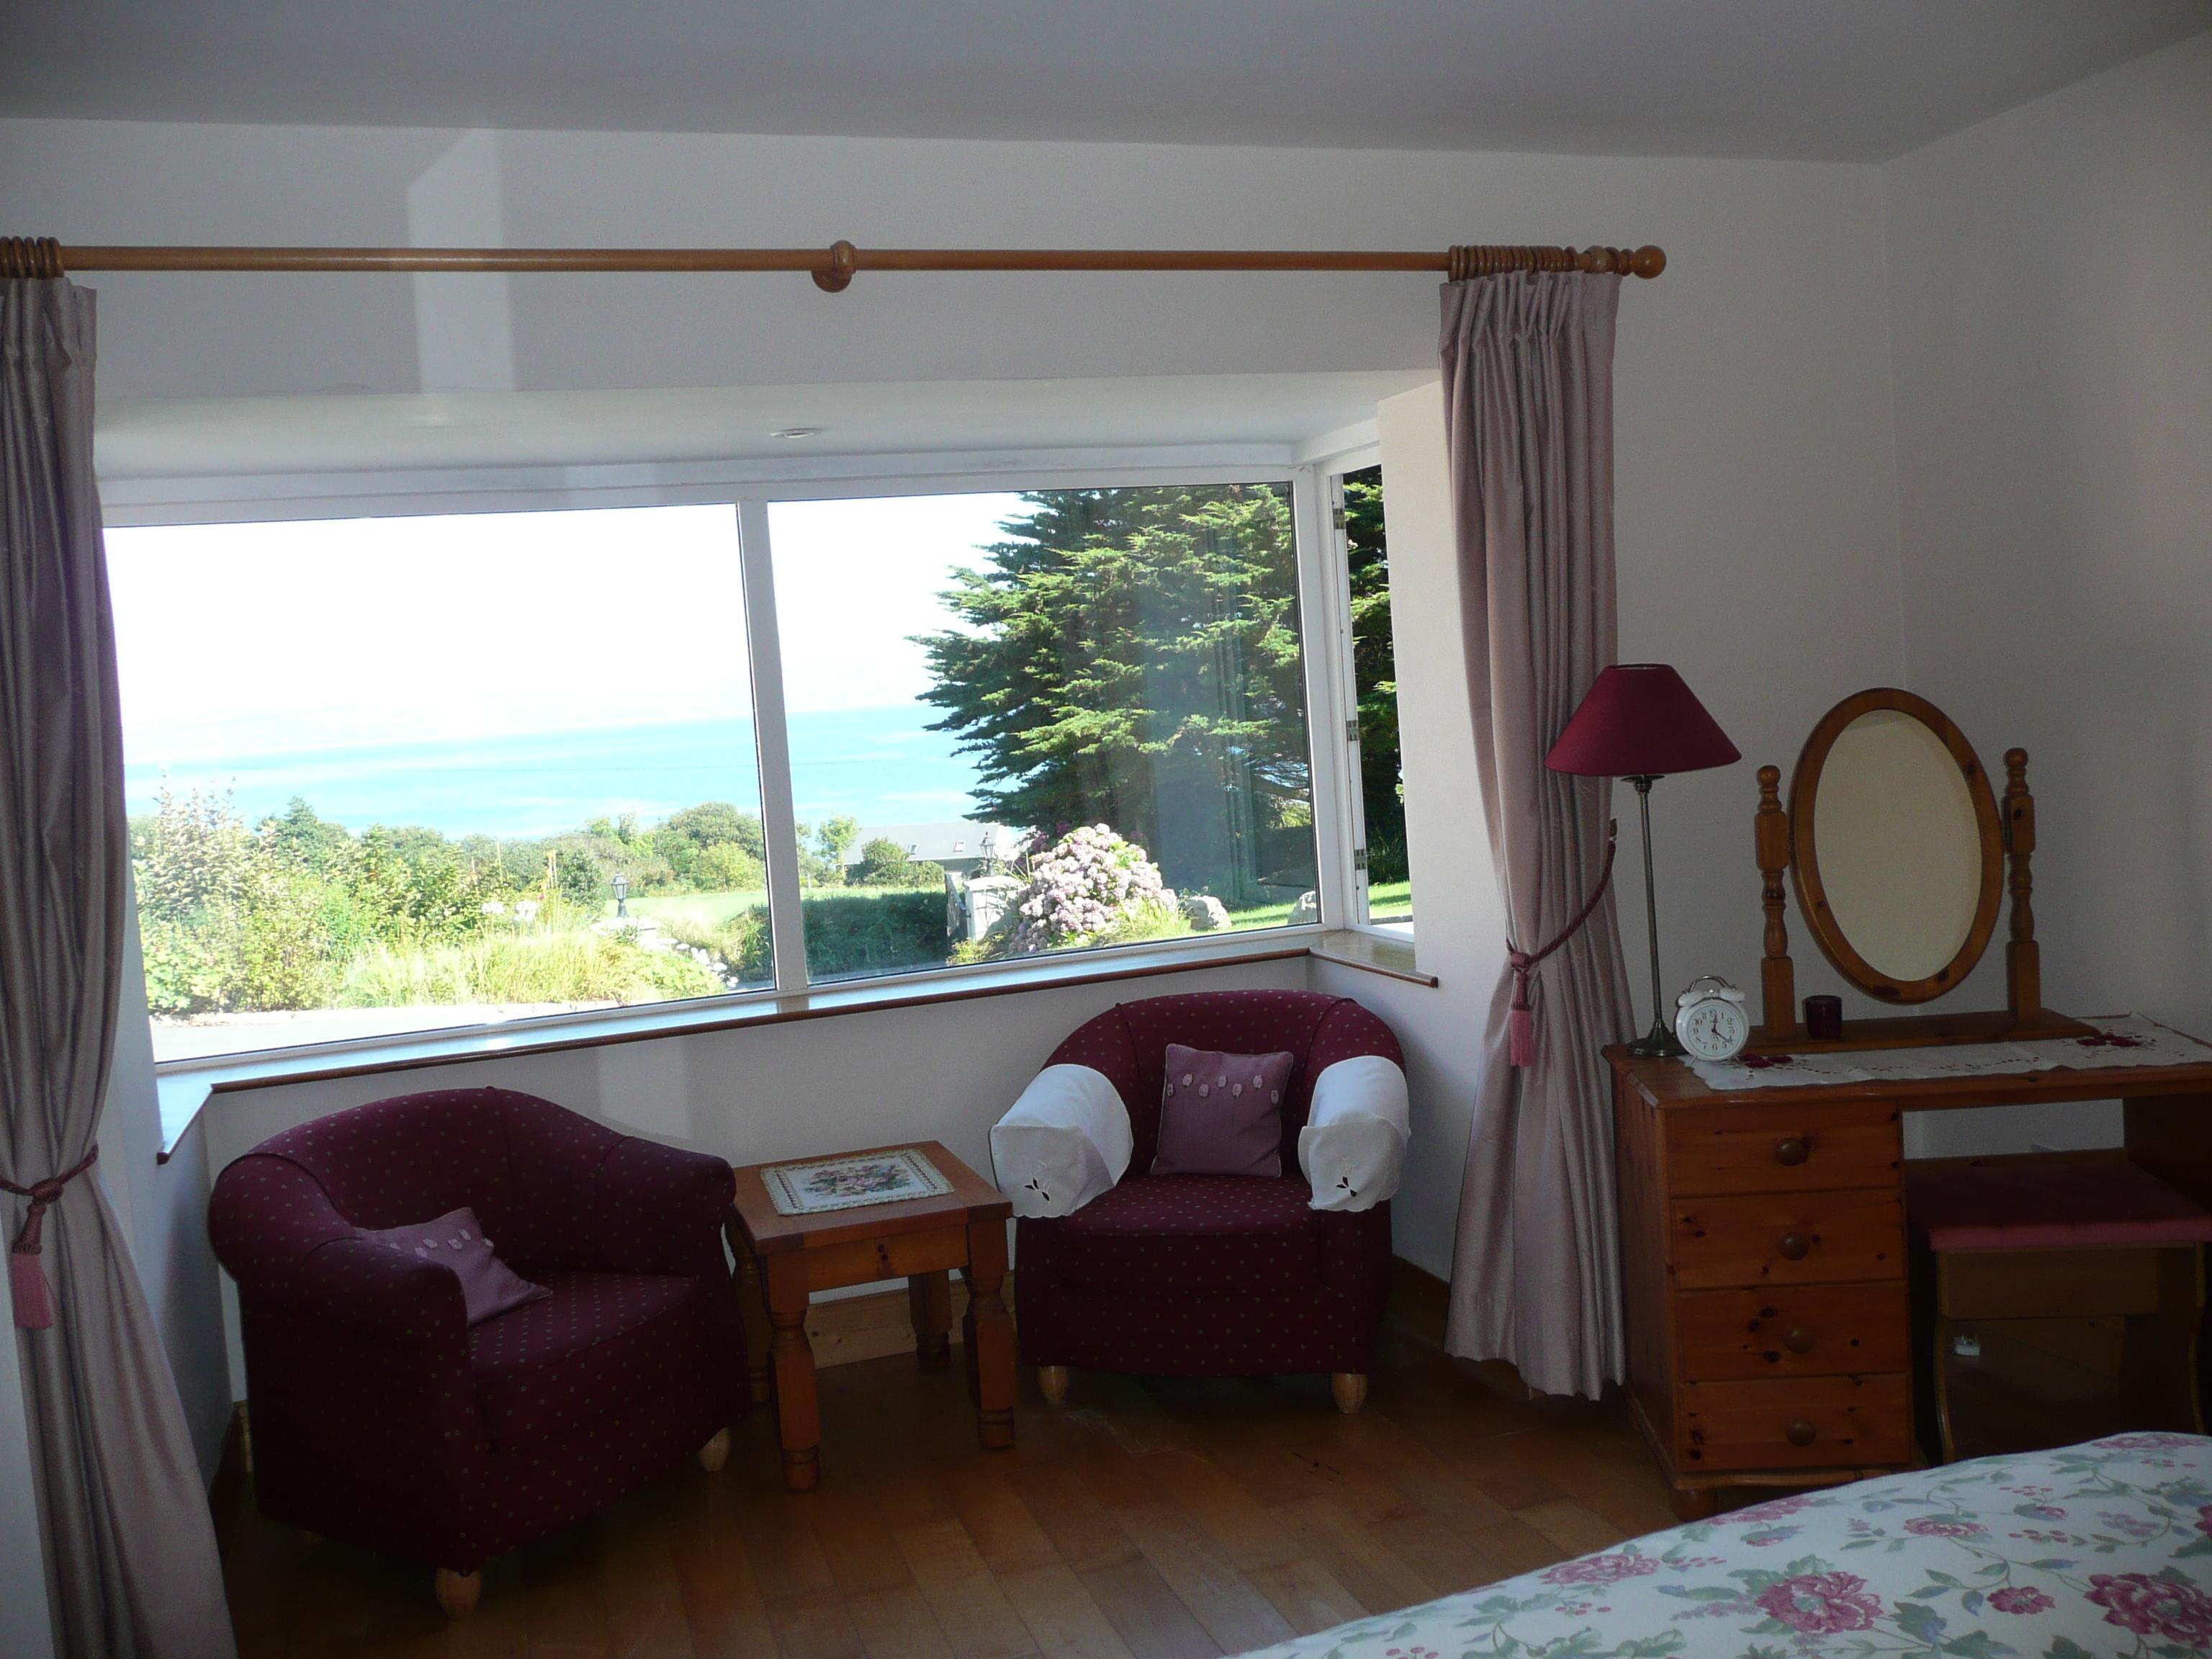 Ferienhaus, Kerry, Irland, Taobh na Greine 8, Schlafzimmer 1 Bild 2 ...